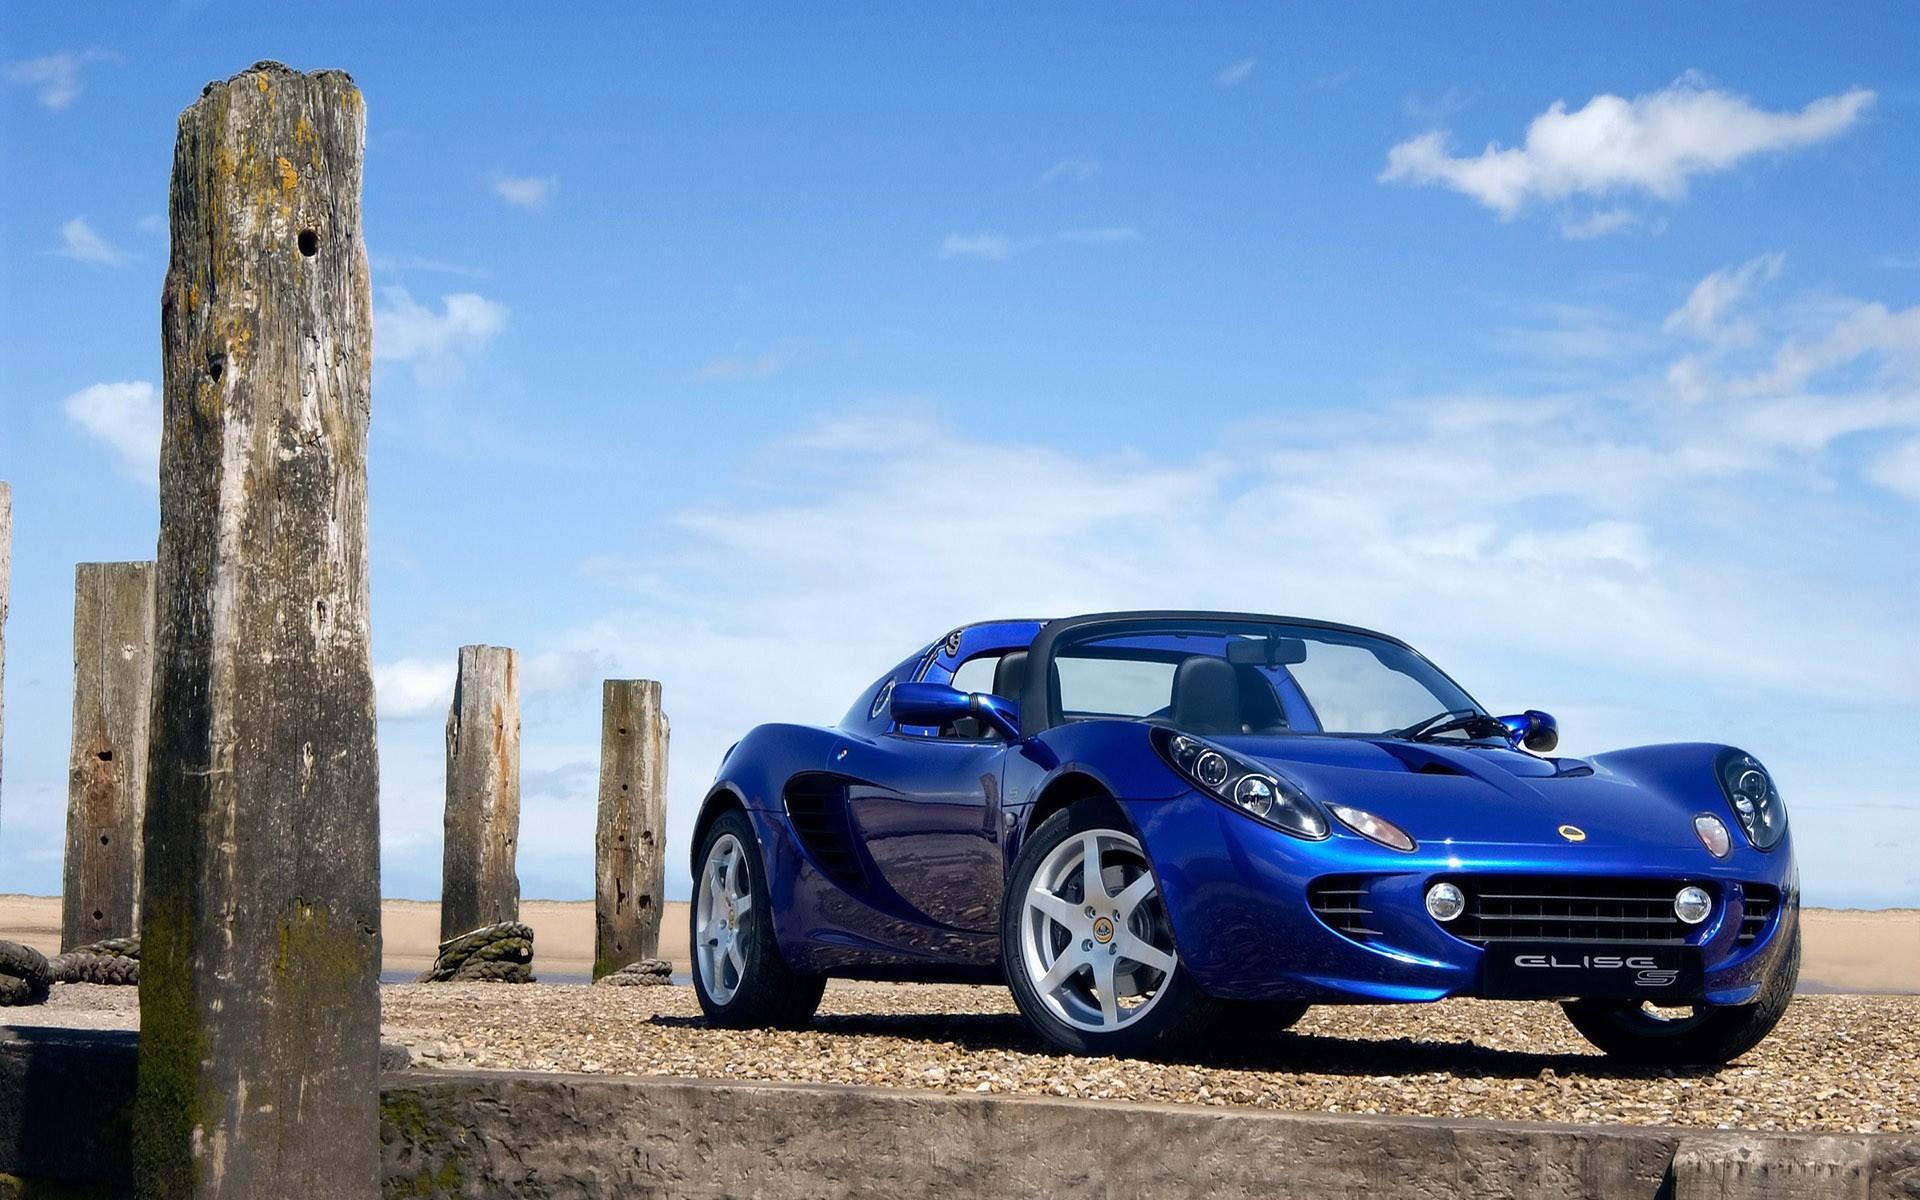 спортивный автомобиль красный lotus elise cup 250 бесплатно